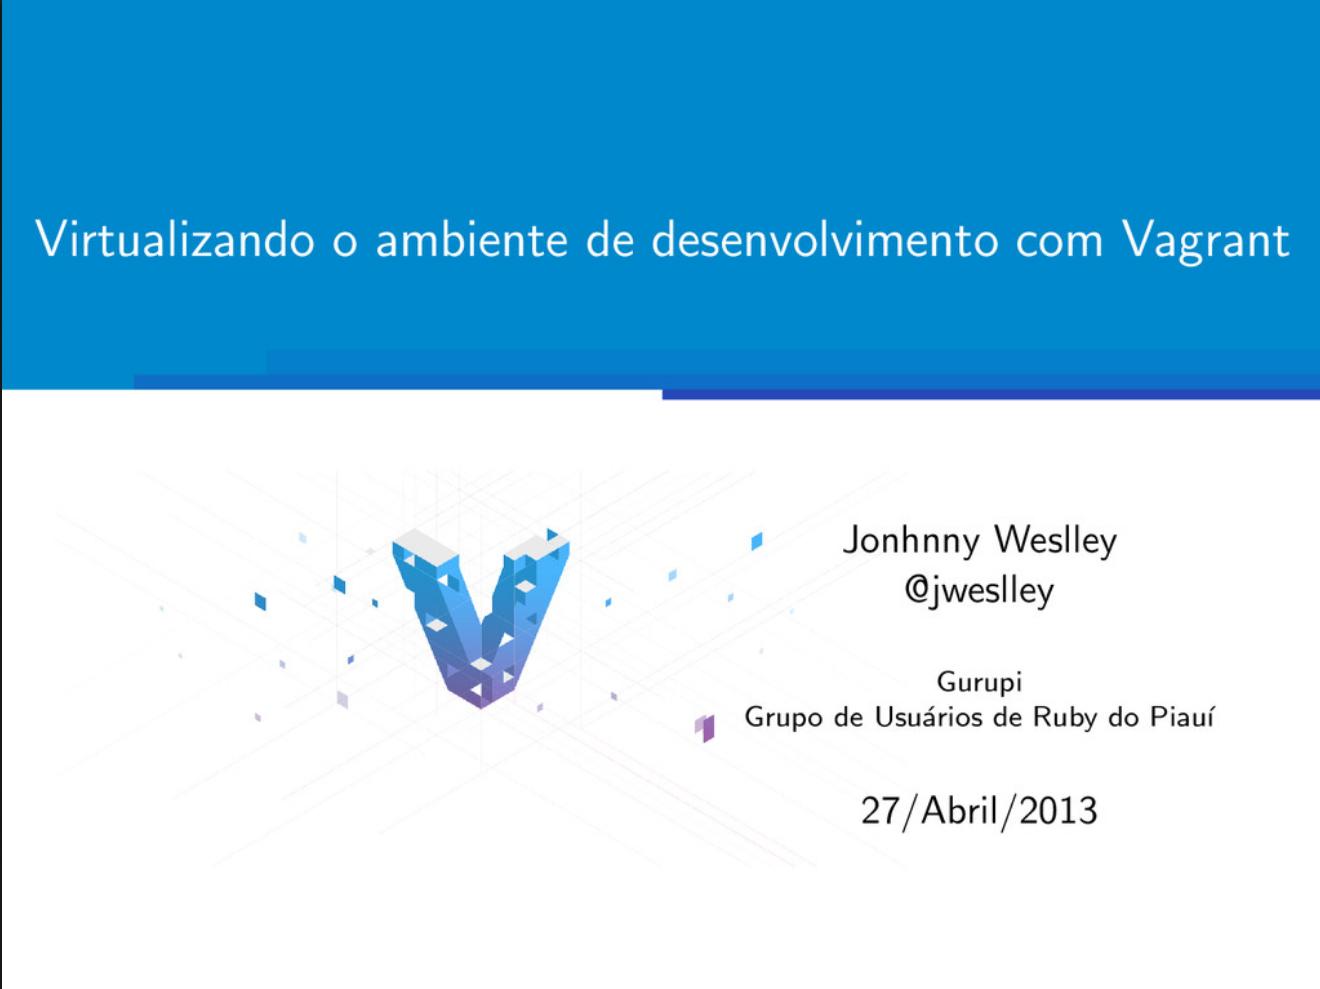 Vagrant: Virtualizando o ambiente de desenvolvimento com Vagrant